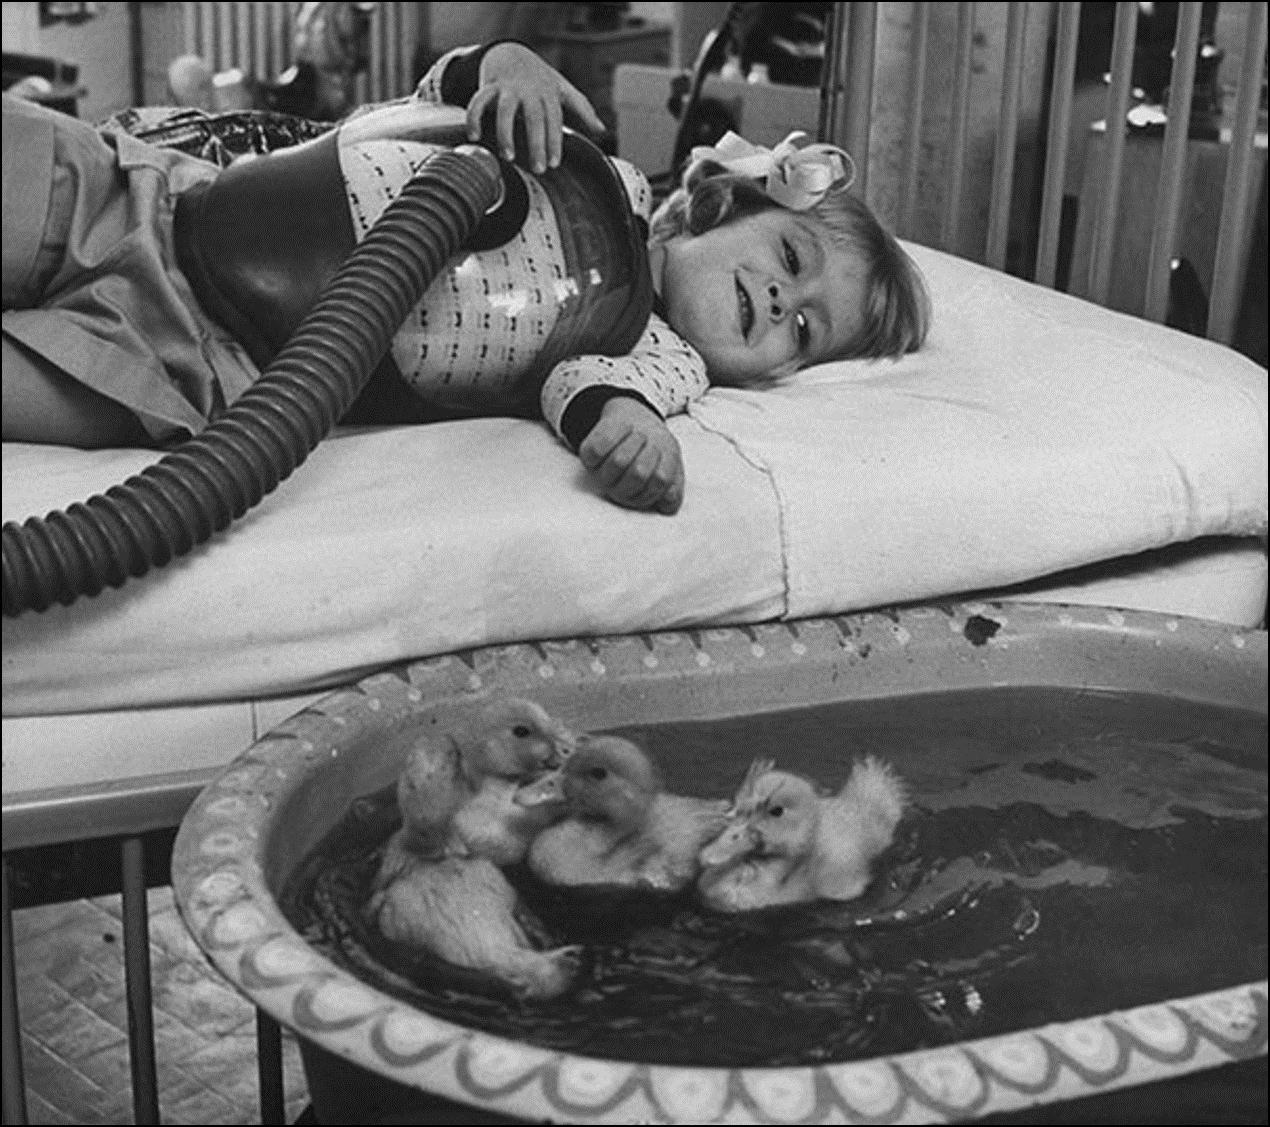 Использование животных в терапии, 1956 Историческая фотография, история, факты